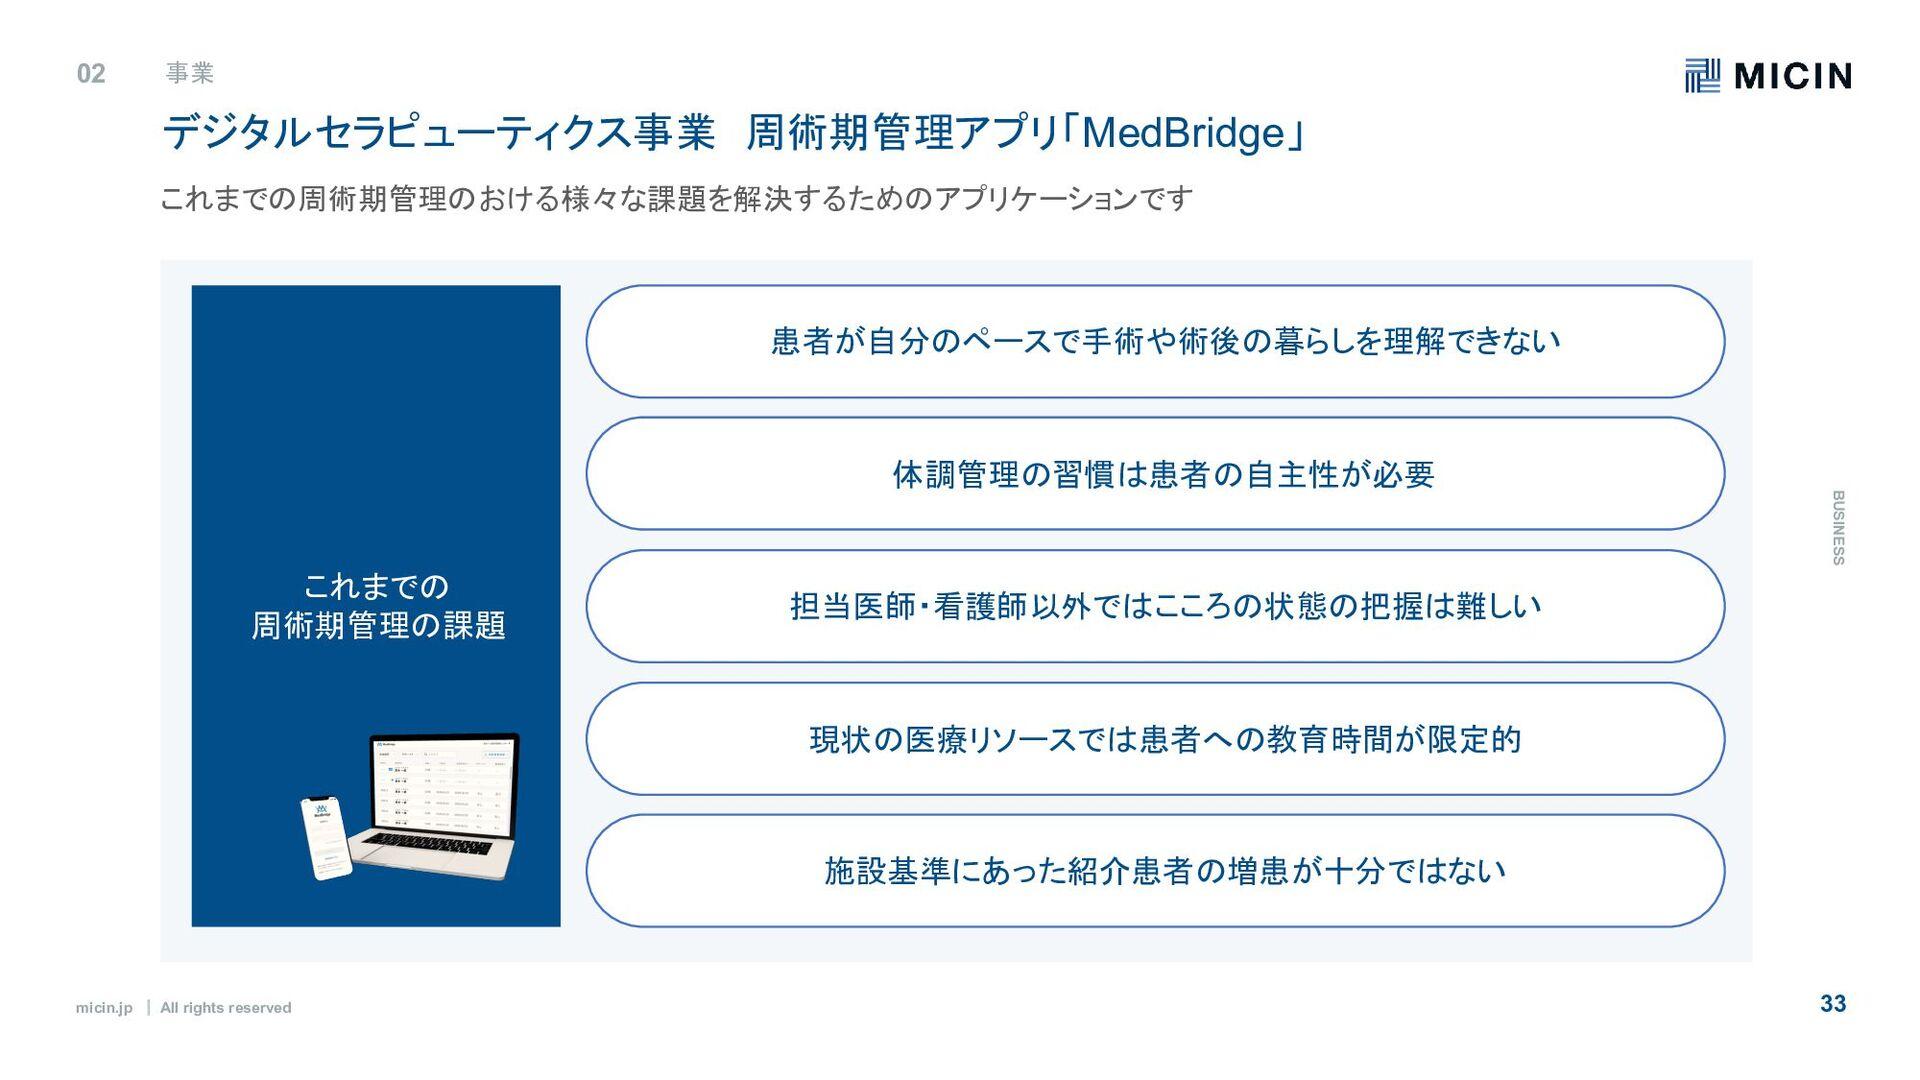 micin.jp ʛ All rights reserved 33 ϝϯόʔհ 03 MIC...